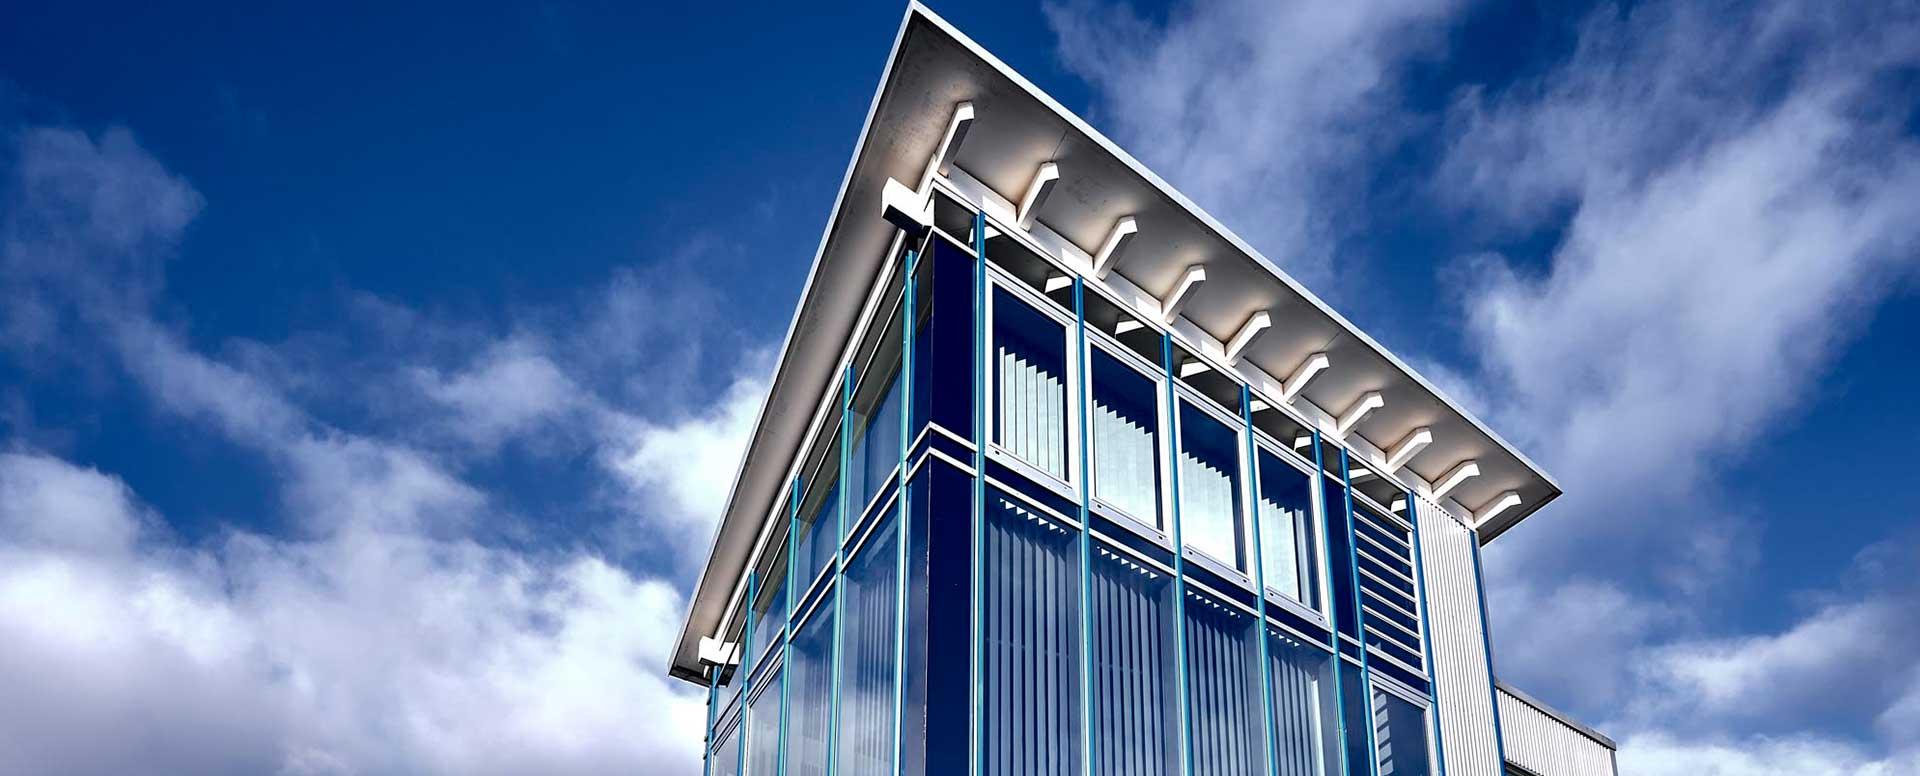 Michelfelder GmbH Gebäudeaufnahme